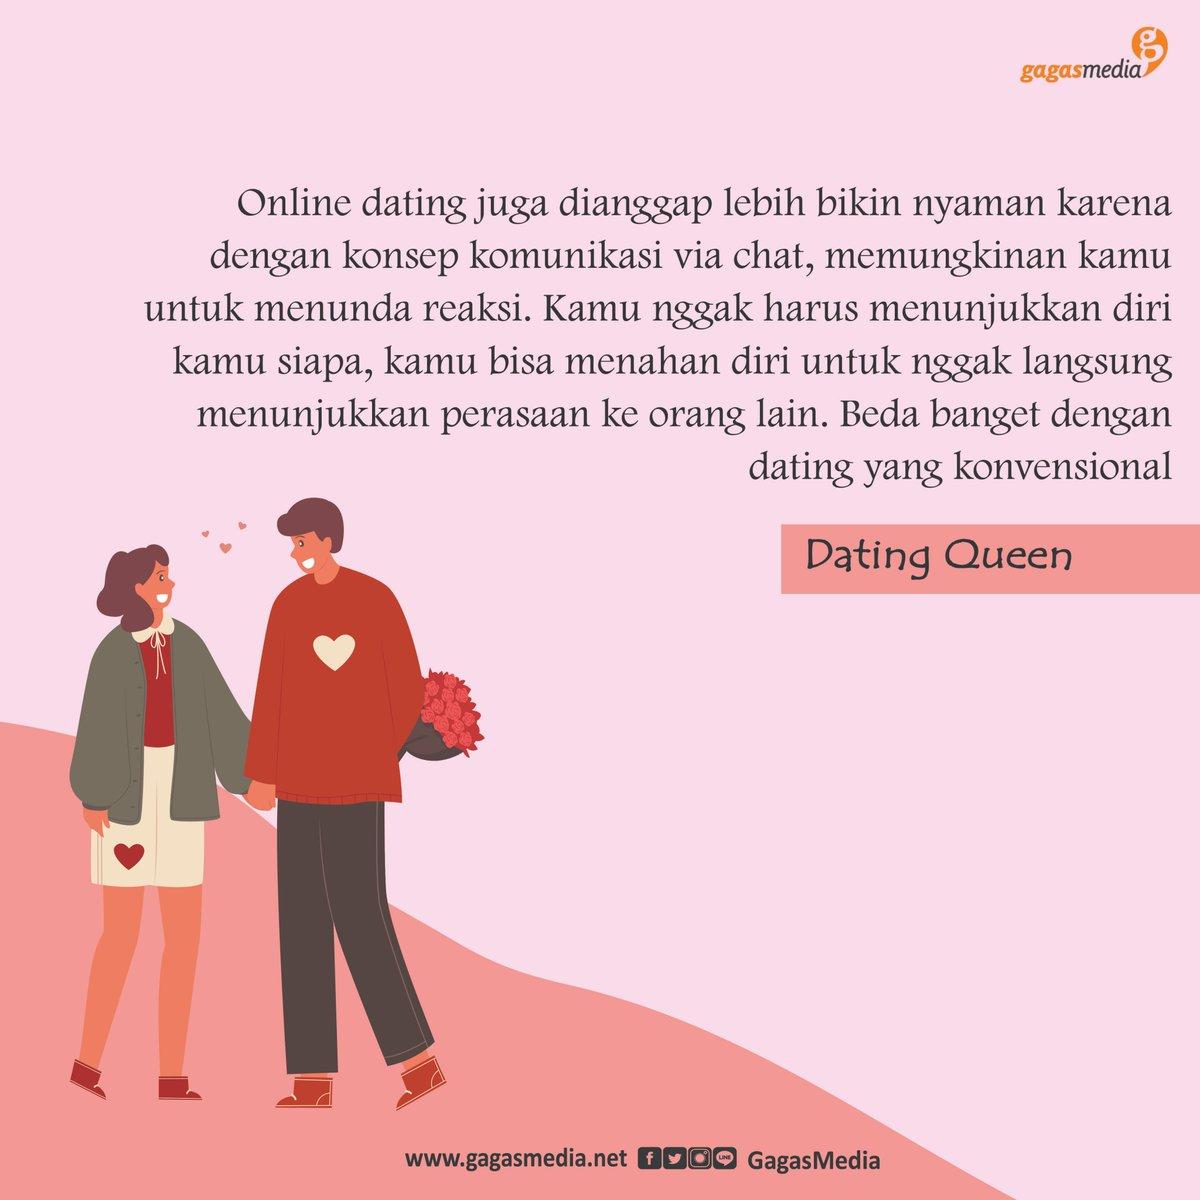 Buat kalian yang penasaran dengan online dating apps, bisa banget nih baca #DatingQueen! Banyak tips menarik buat kalian yang mau cari pasangan atau sekedar cari teman loh.  Nah, kamu udah punya buku #DatingQueen belum nih?  #DatingQueen